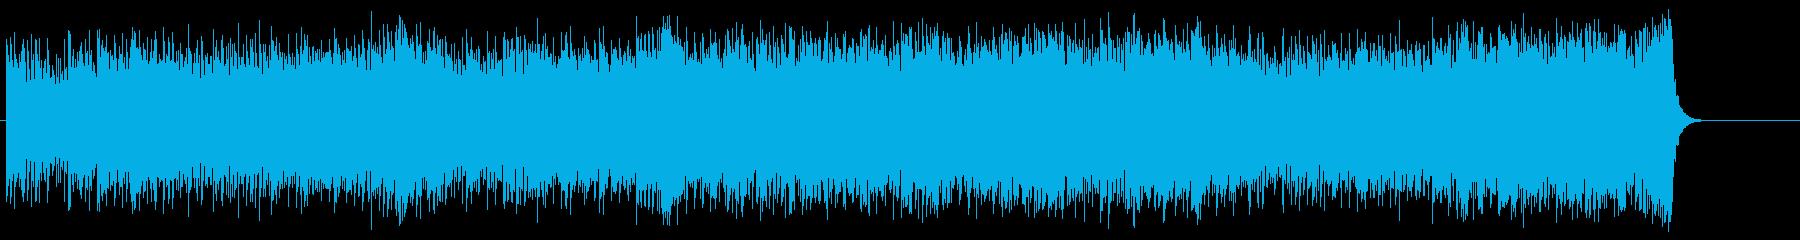 問題意識を残すエンディング向けポップスの再生済みの波形